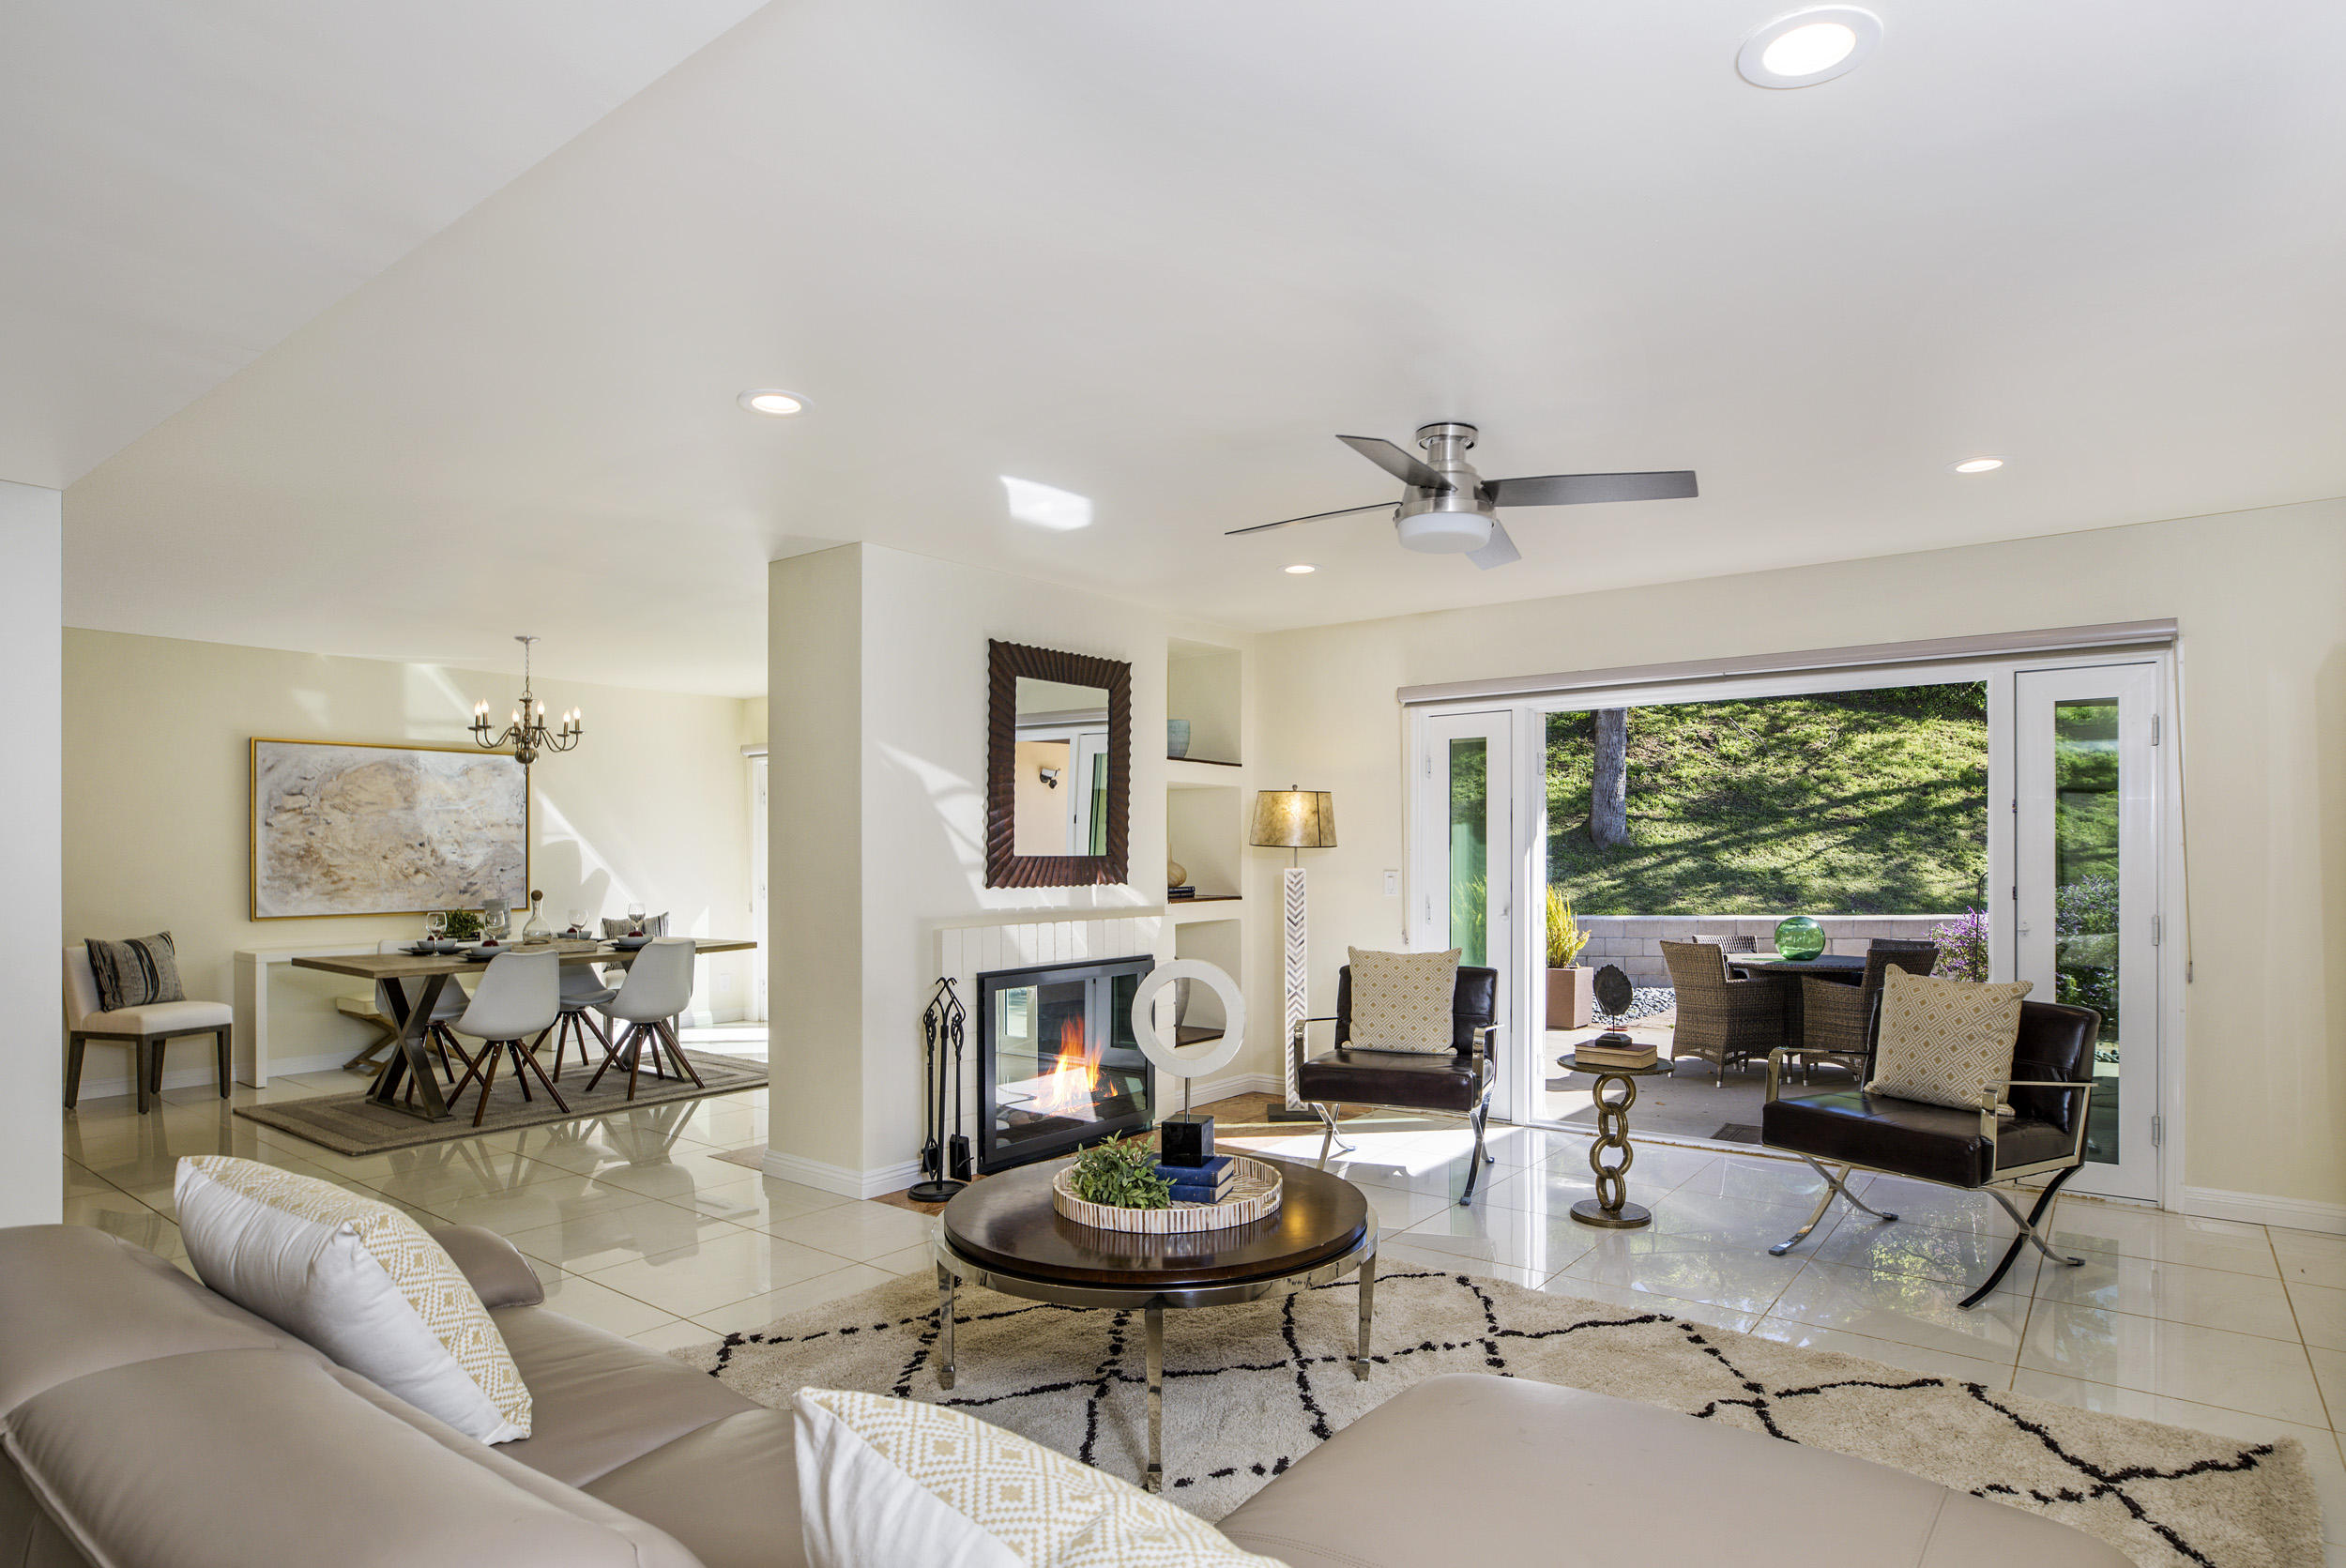 Property photo for 1424 Crestline Dr Santa Barbara, California 93105 - 19-906